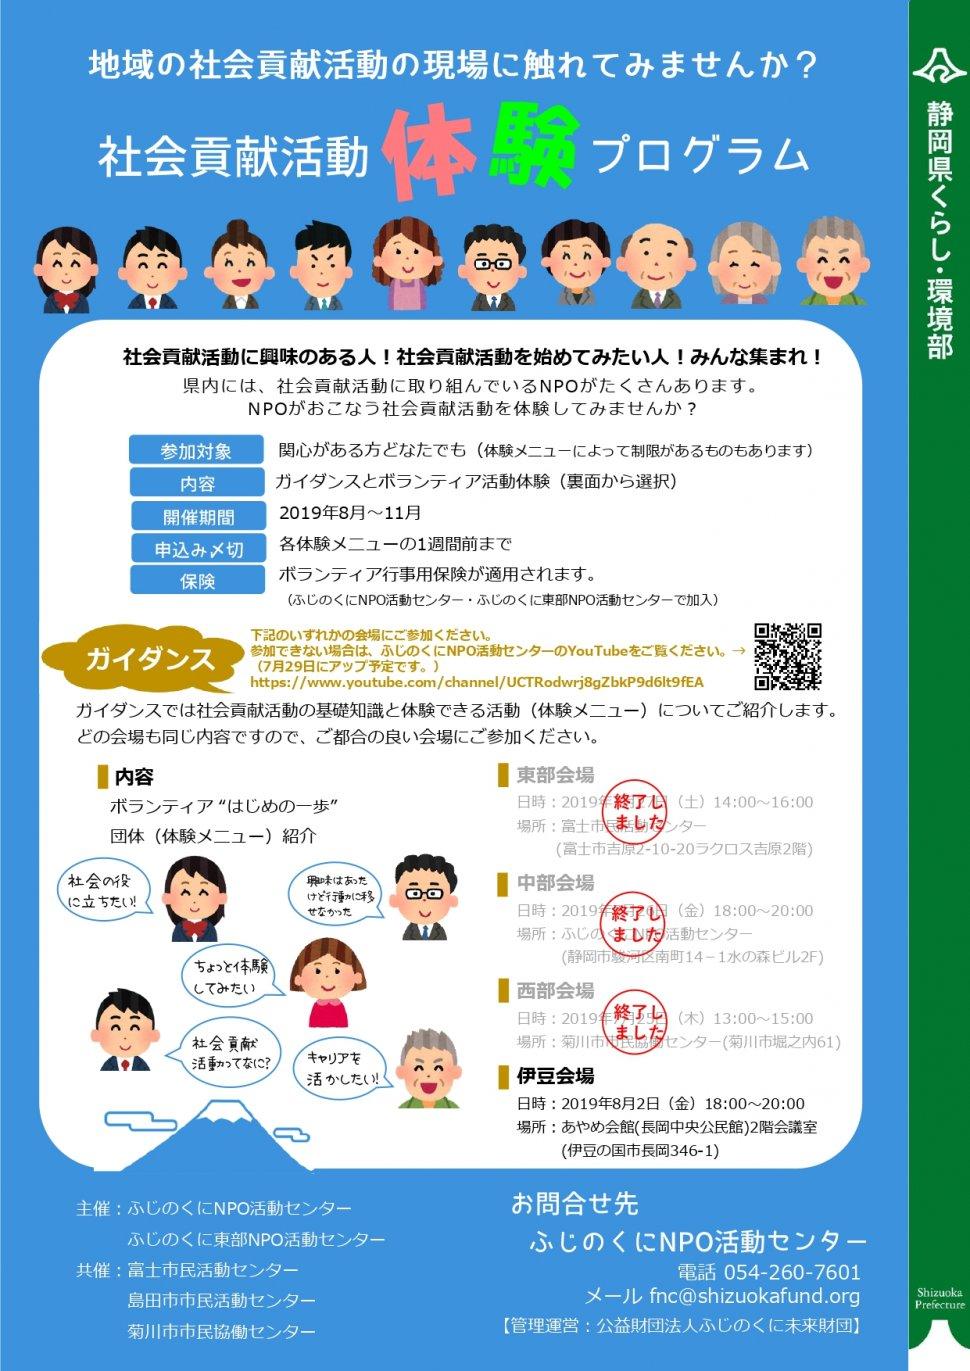 【2次募集】社会貢献活動体験プログラムちらし page1